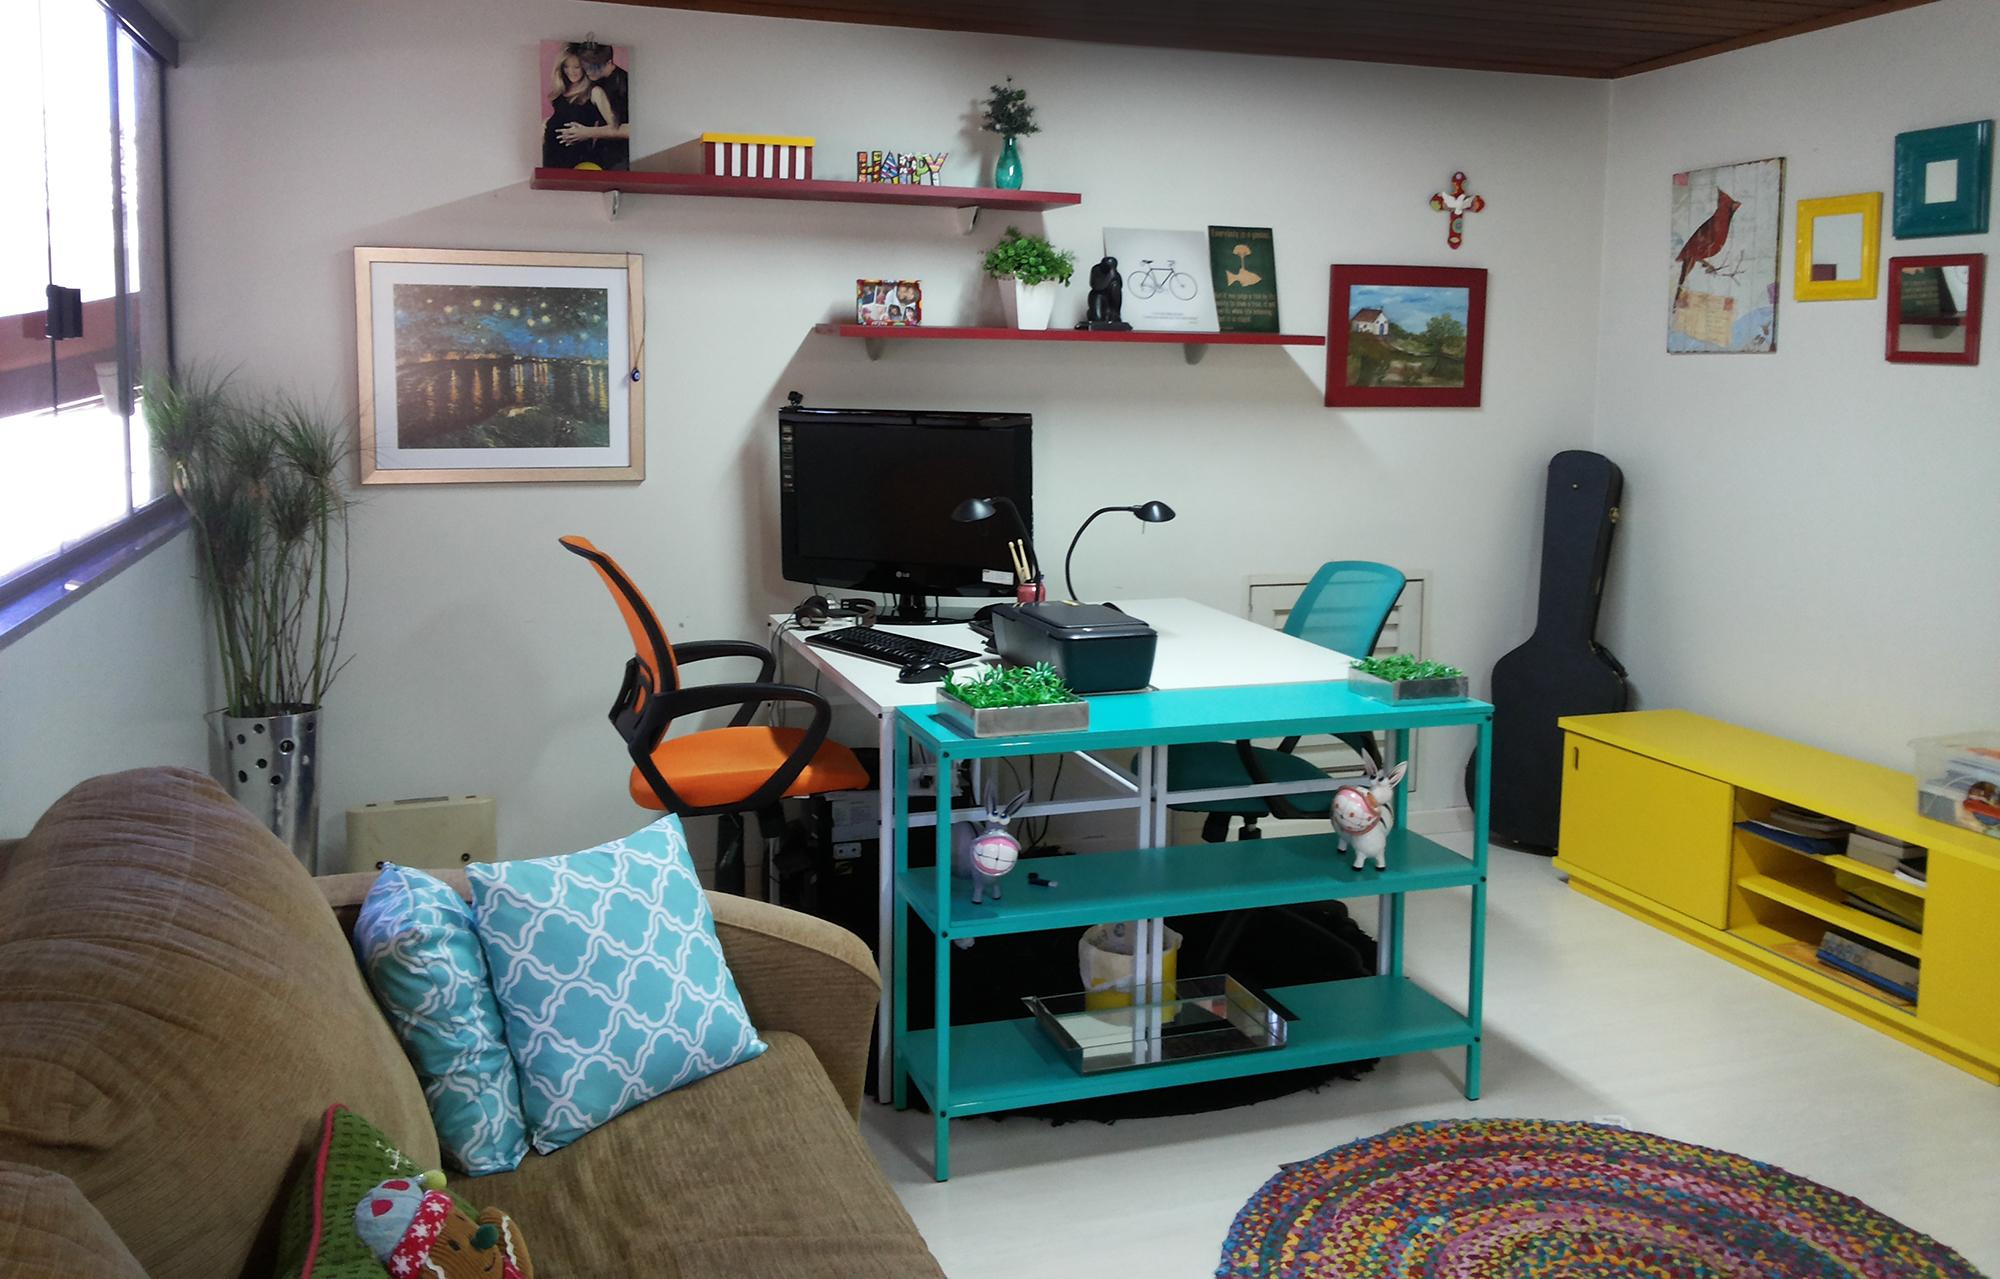 Escritório onde escrevo meus livros